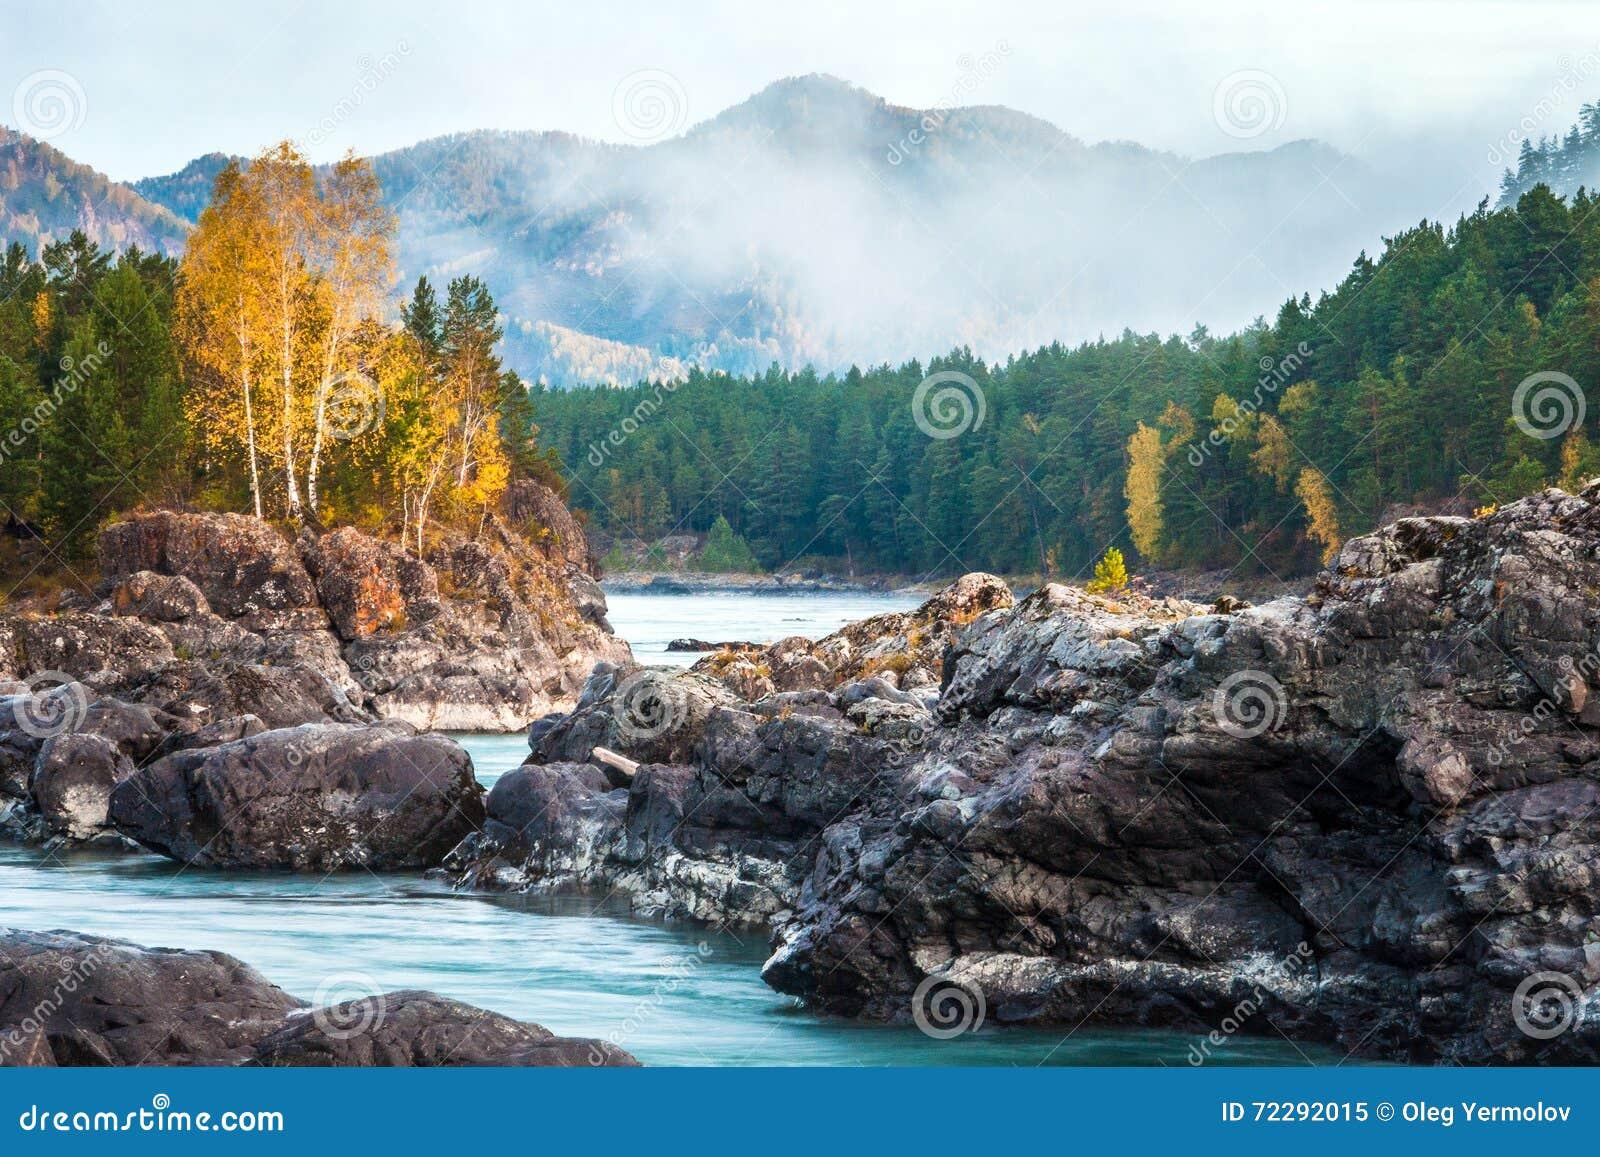 Download Река горы с утесами стоковое изображение. изображение насчитывающей горы - 72292015